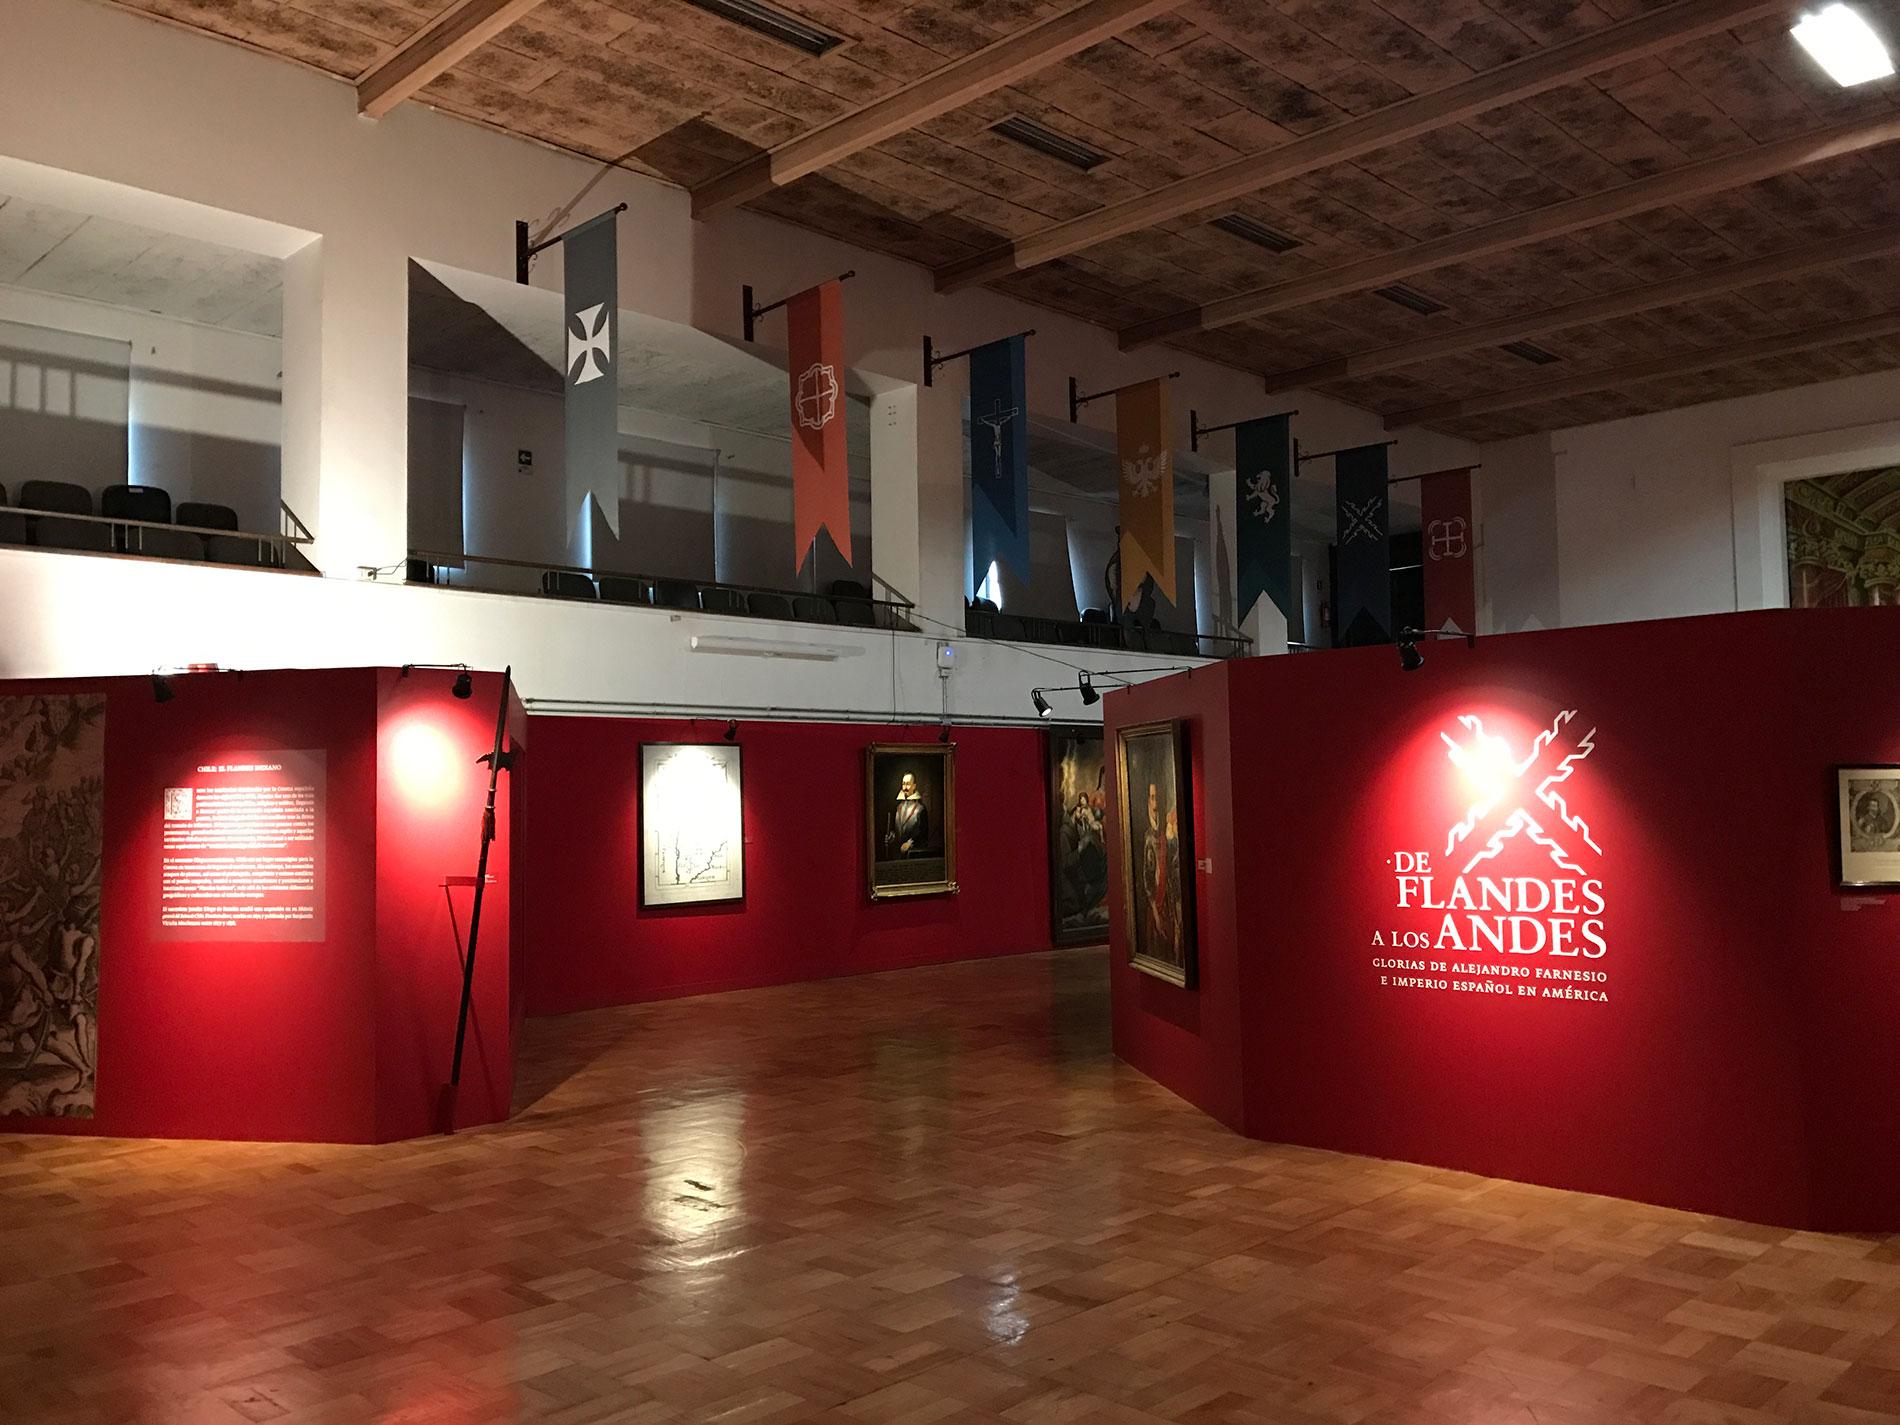 EXPO-DE-FLANDES-A-LOS-ANDES–Auditorio-del-Campus-Los-Leones-Universidad-San-Sebastian